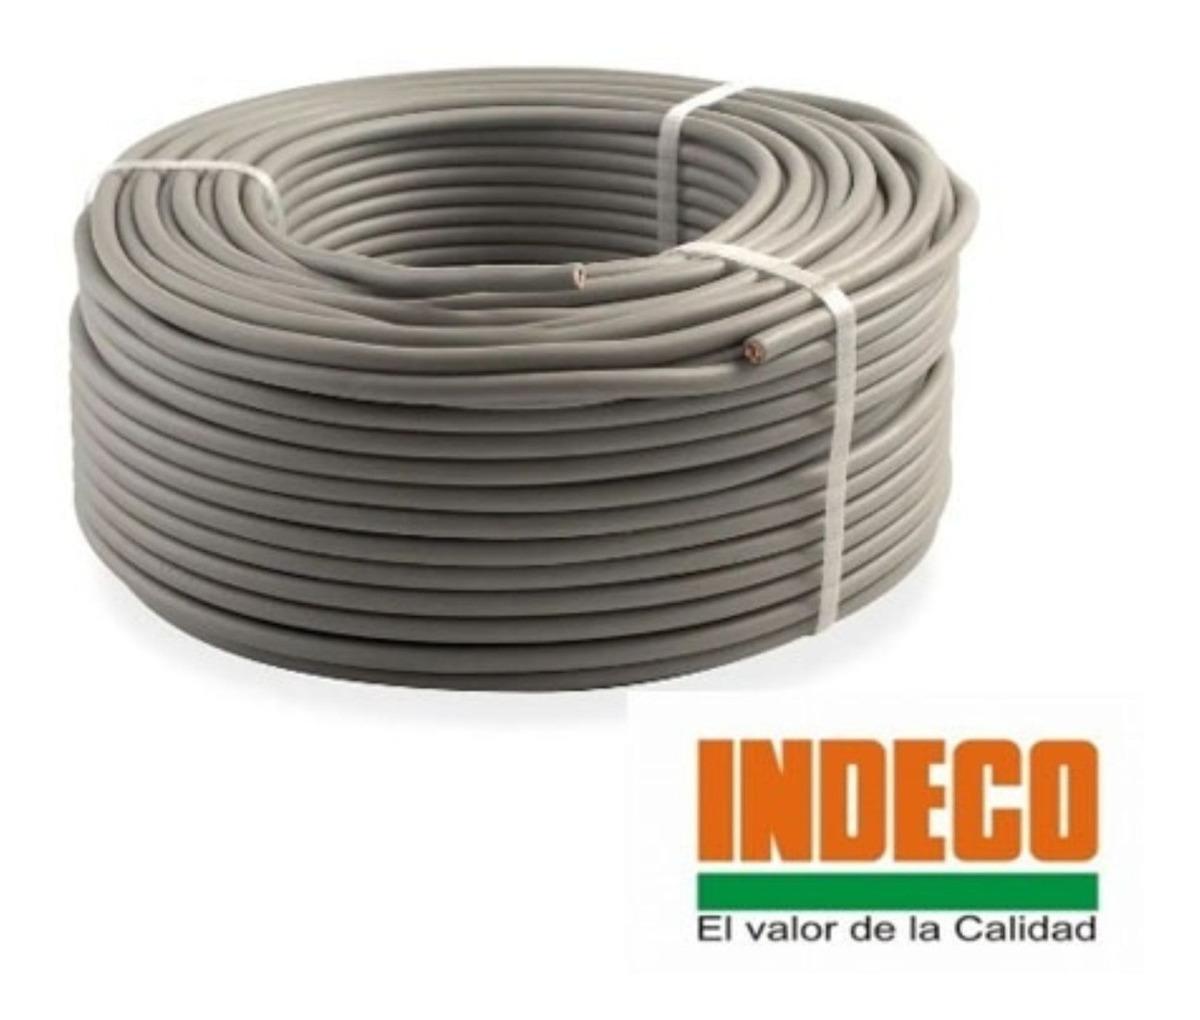 cable vulcanizado precios